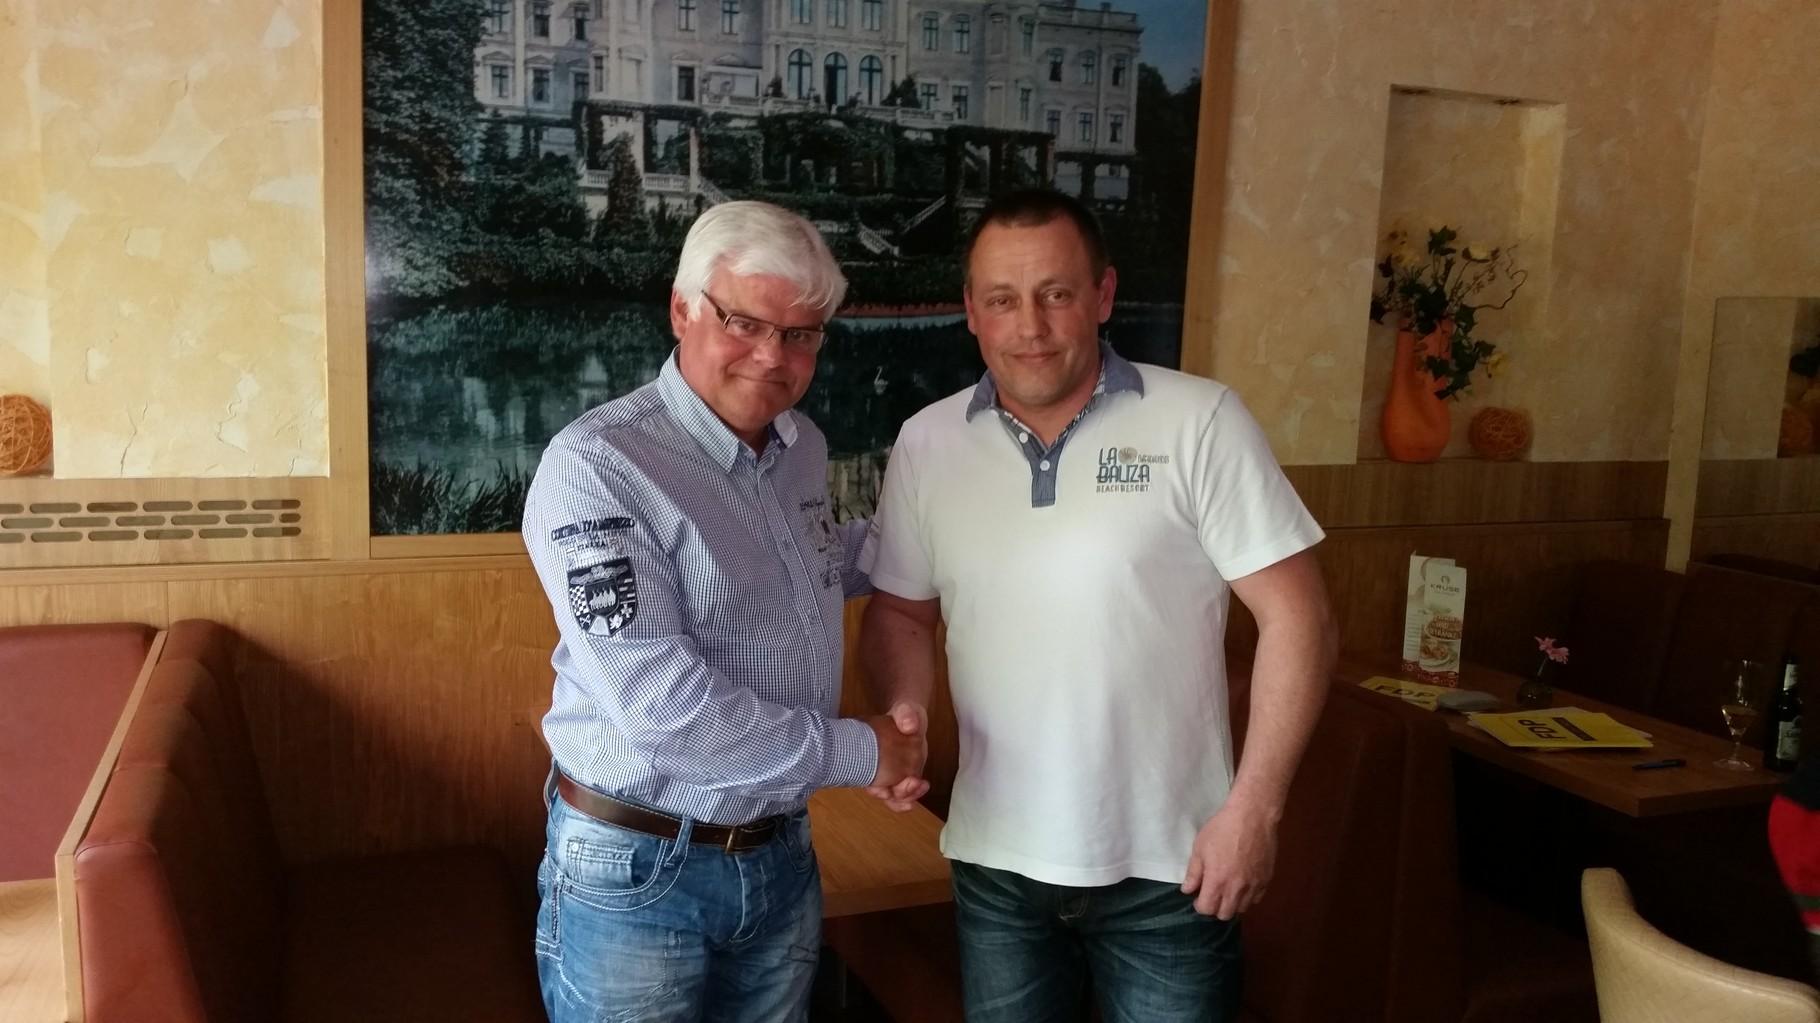 Thomas Kruse gratuliert Ingo Blume zur Nominierung